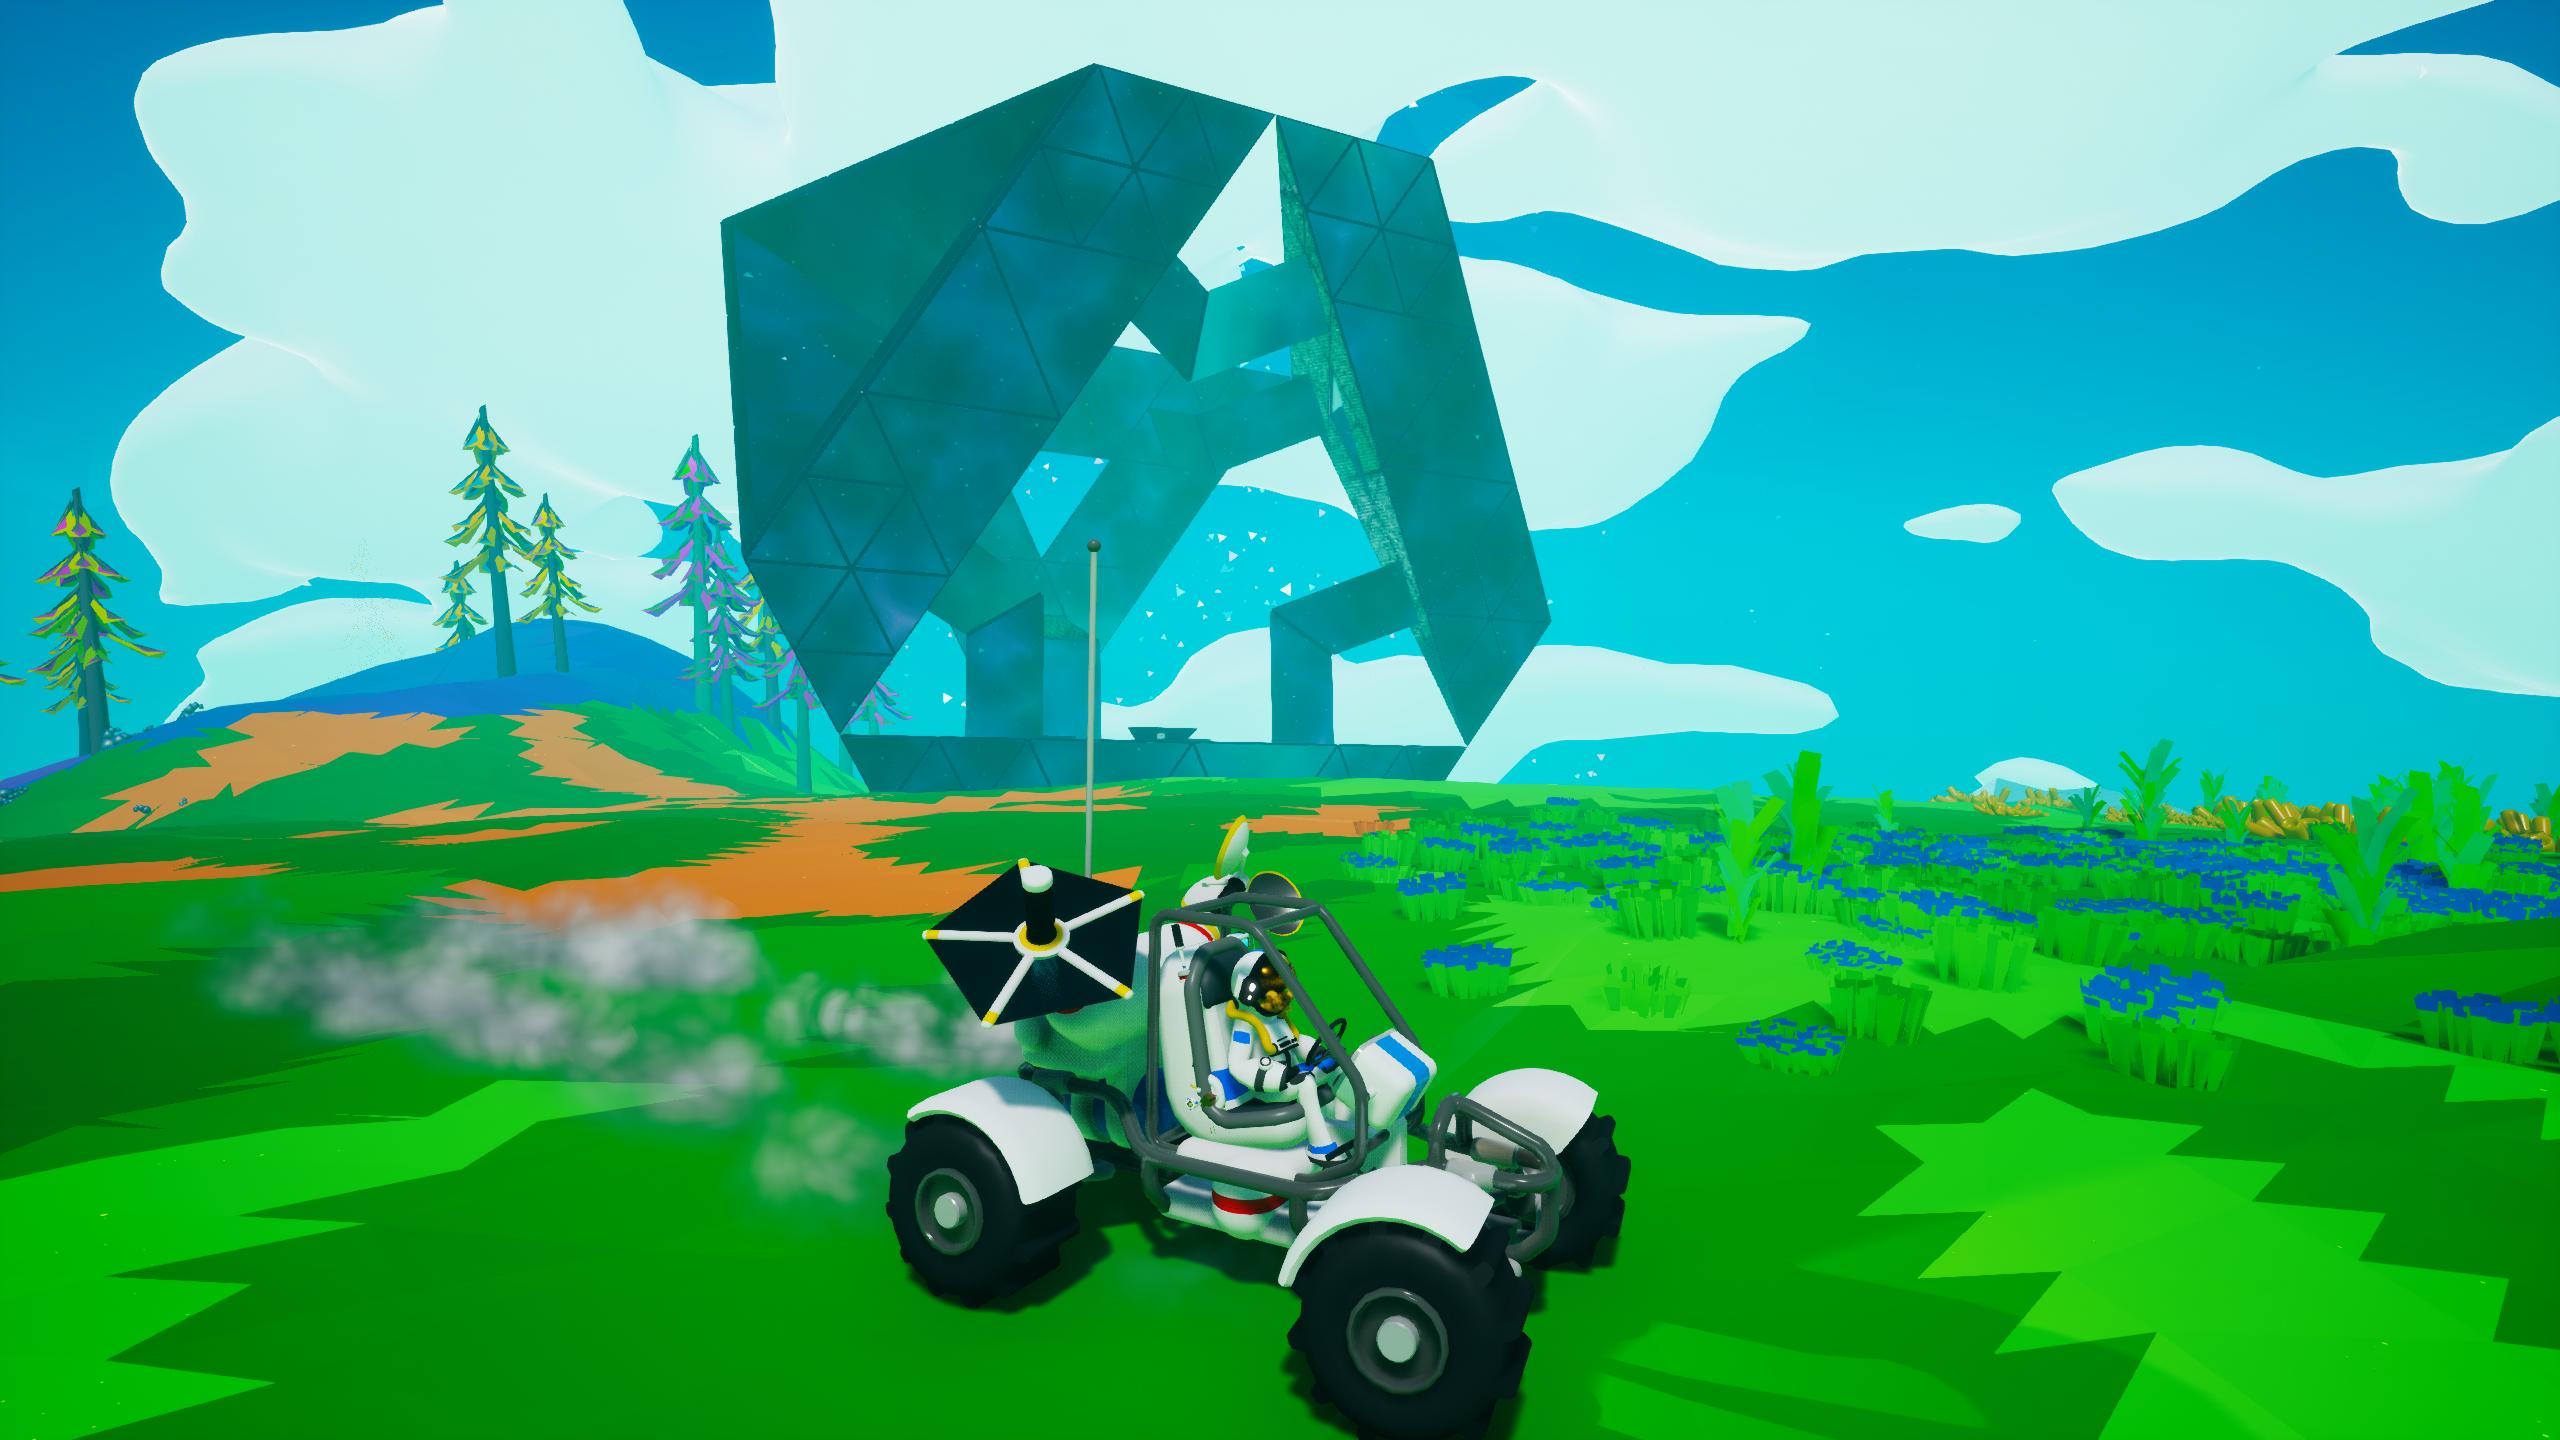 Bien sûr, il y a des objets et bâtiments mystérieux à activer, mais ne vous attendez pas à un gros scénario. Astroneer est plutôt un jeu de solitude contemplative.